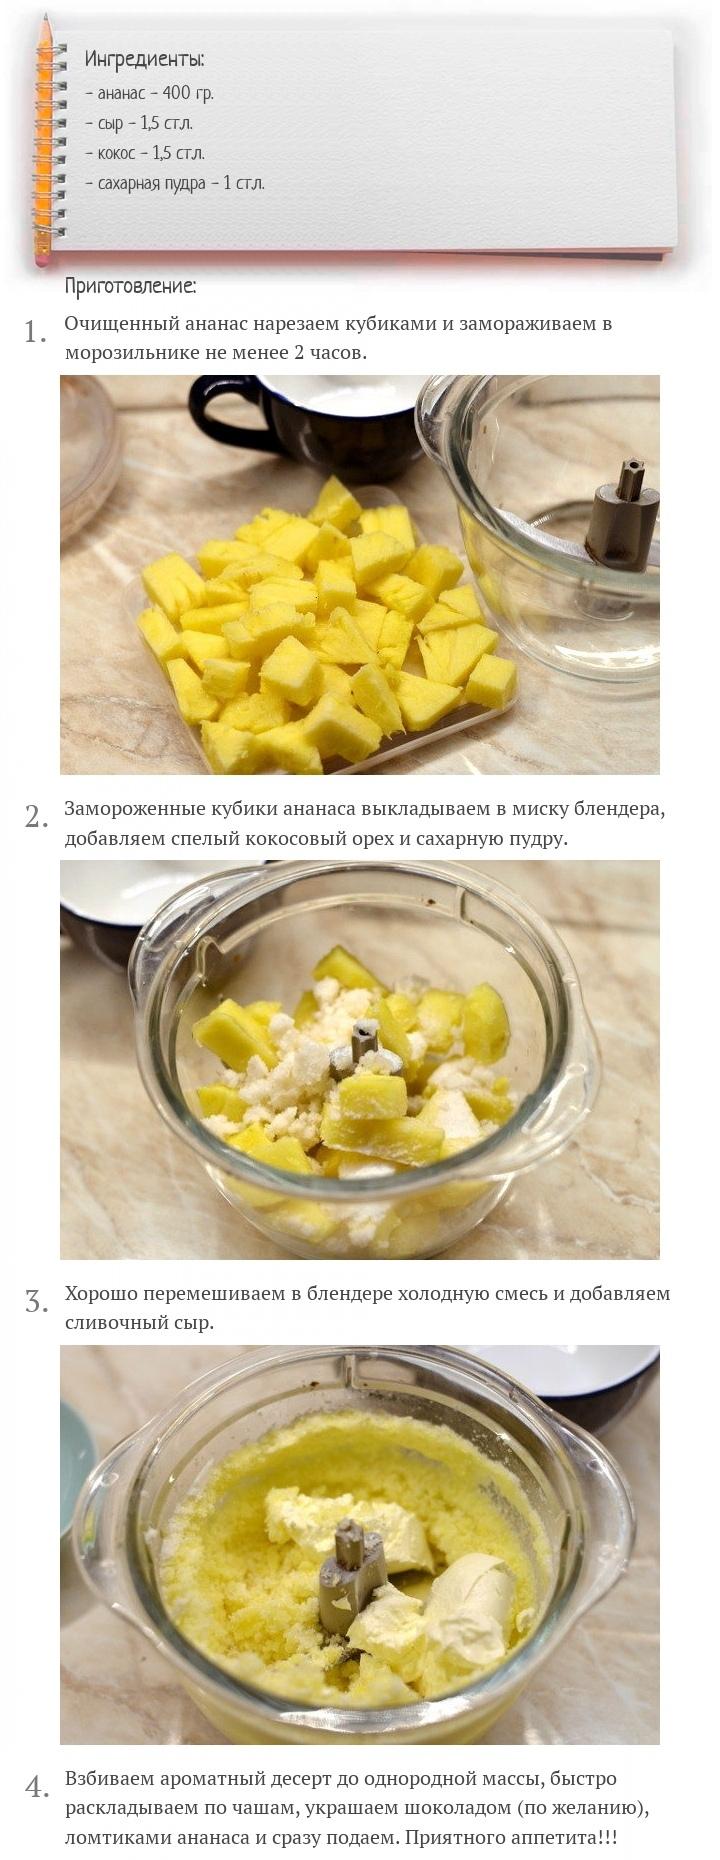 Холодный десерт из ананаса и сливочного сыра, изображение №2